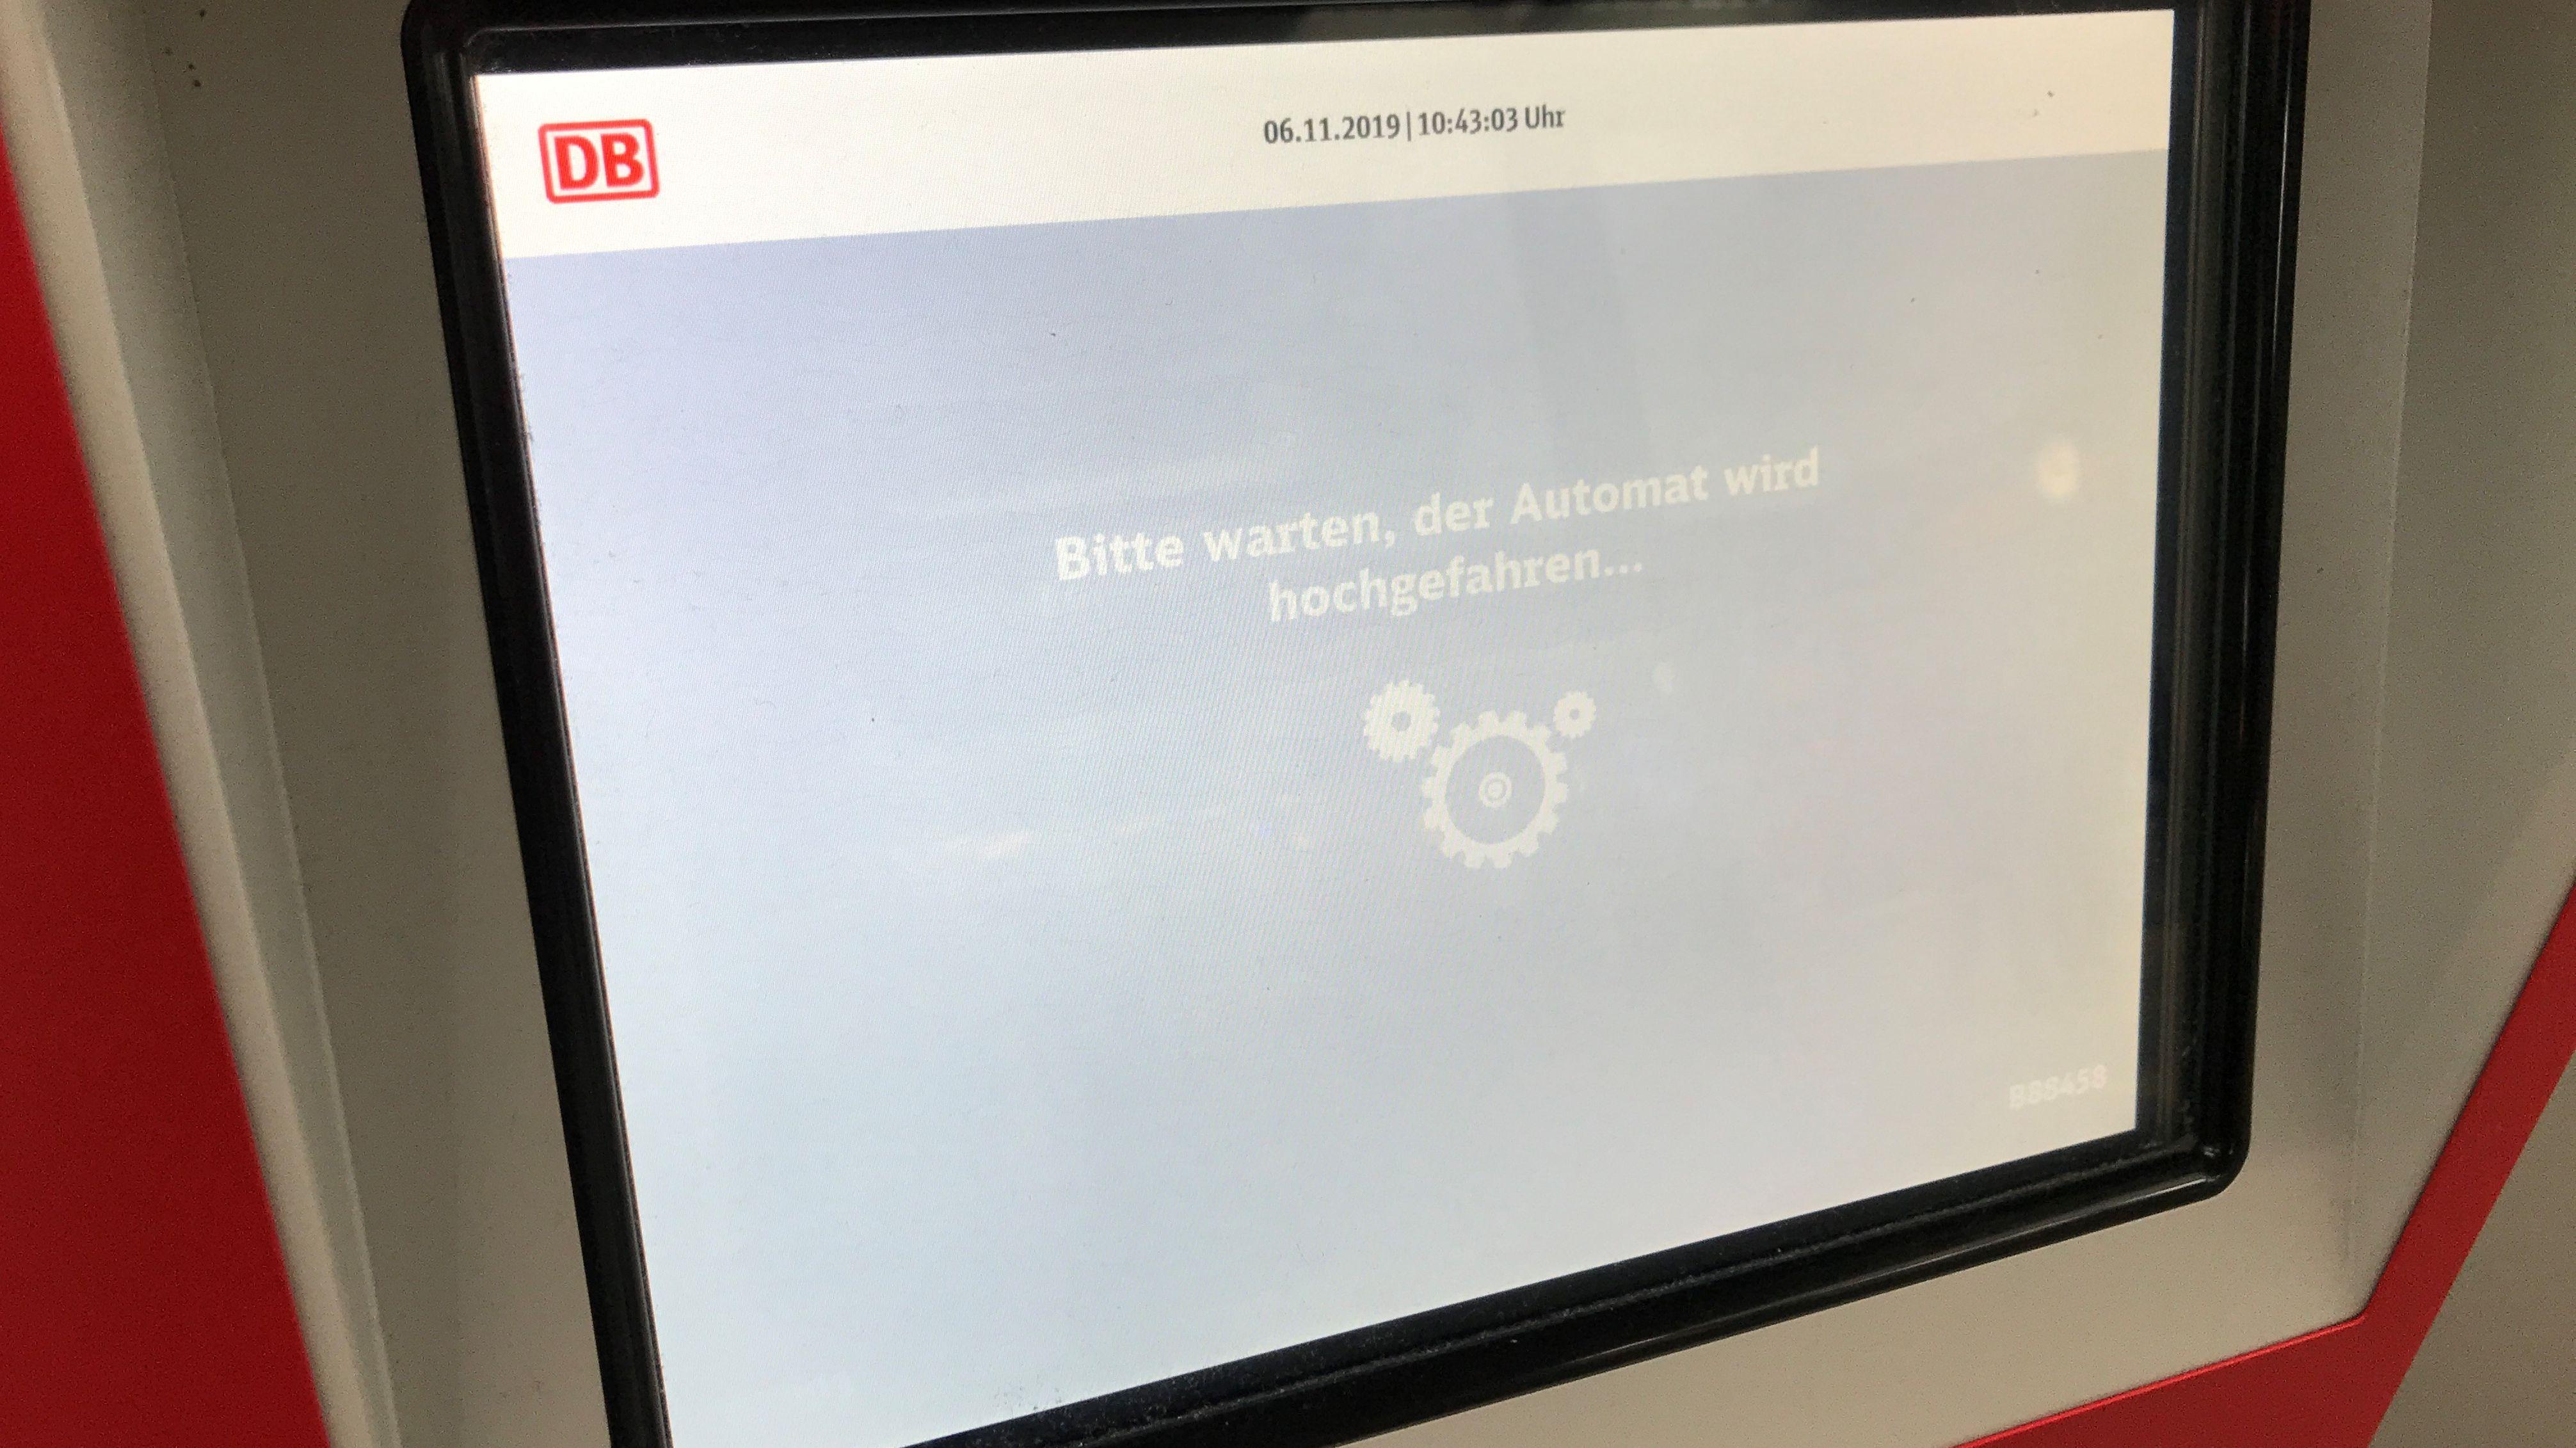 Störung am Fahrkarten-Automat der Bahn